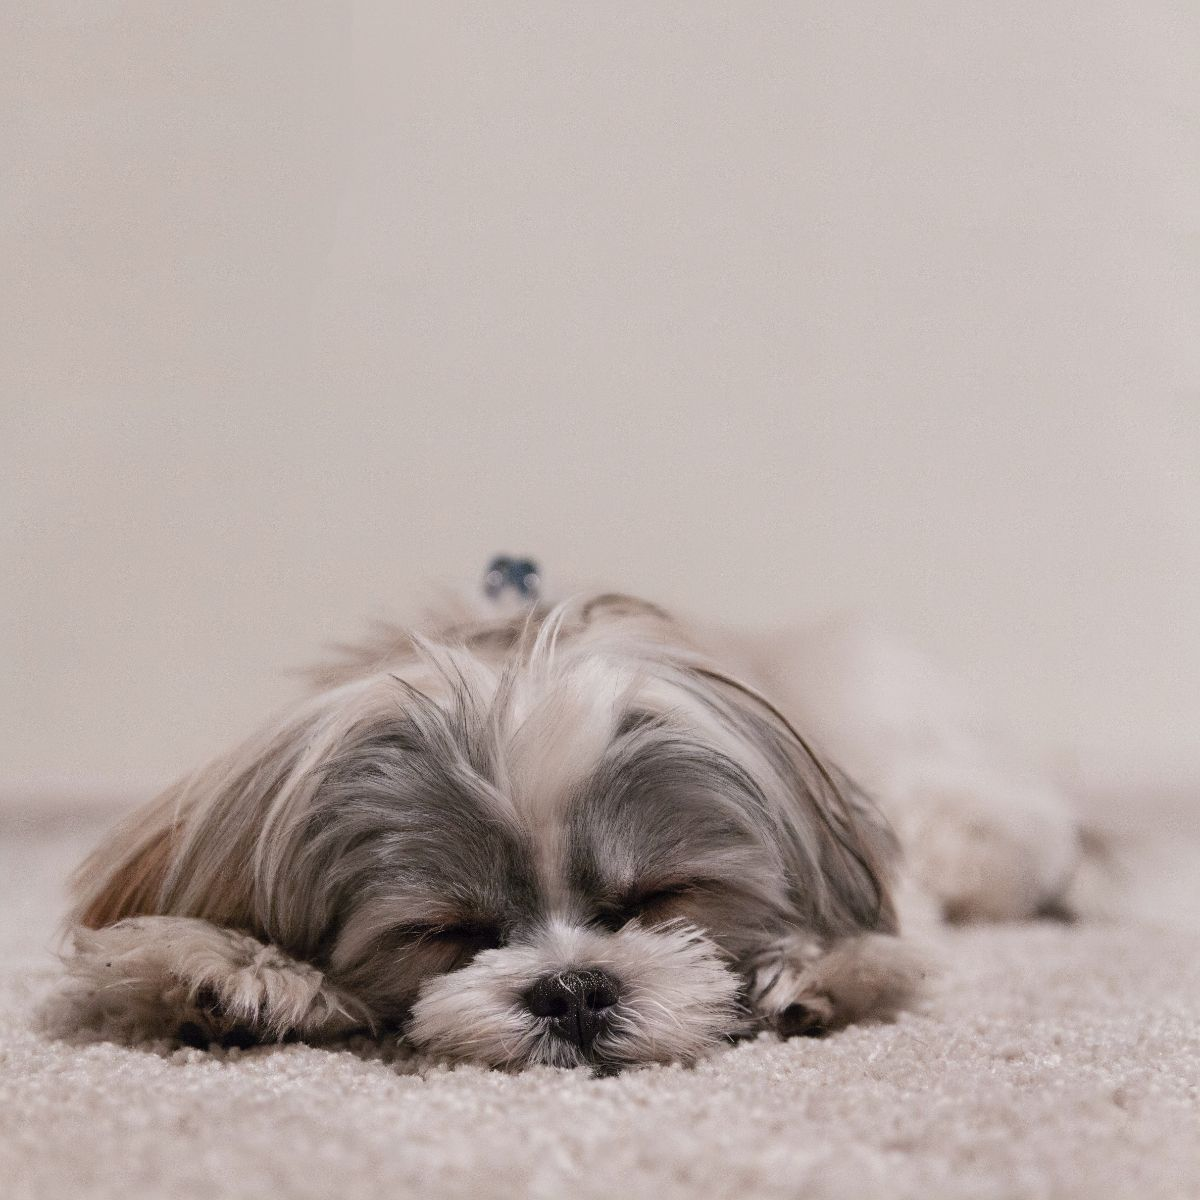 「昼寝が好き」に関連する英語フレーズ